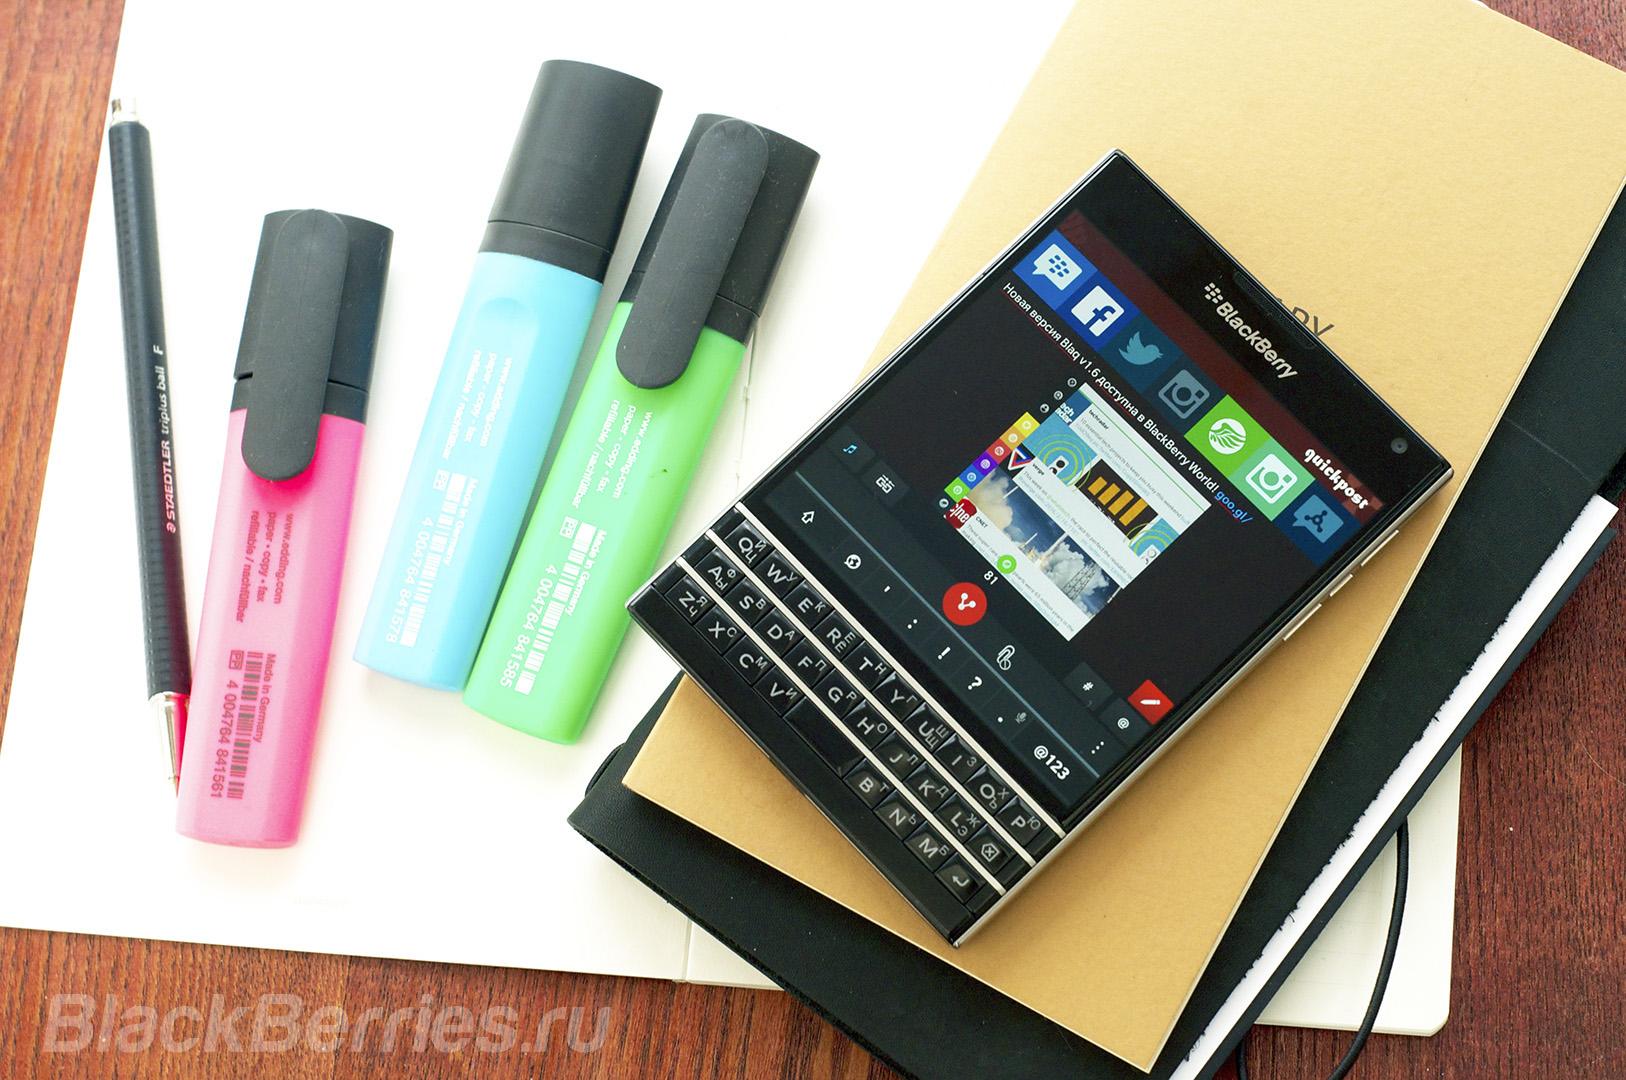 BlackBerry-Apps-20-02-01